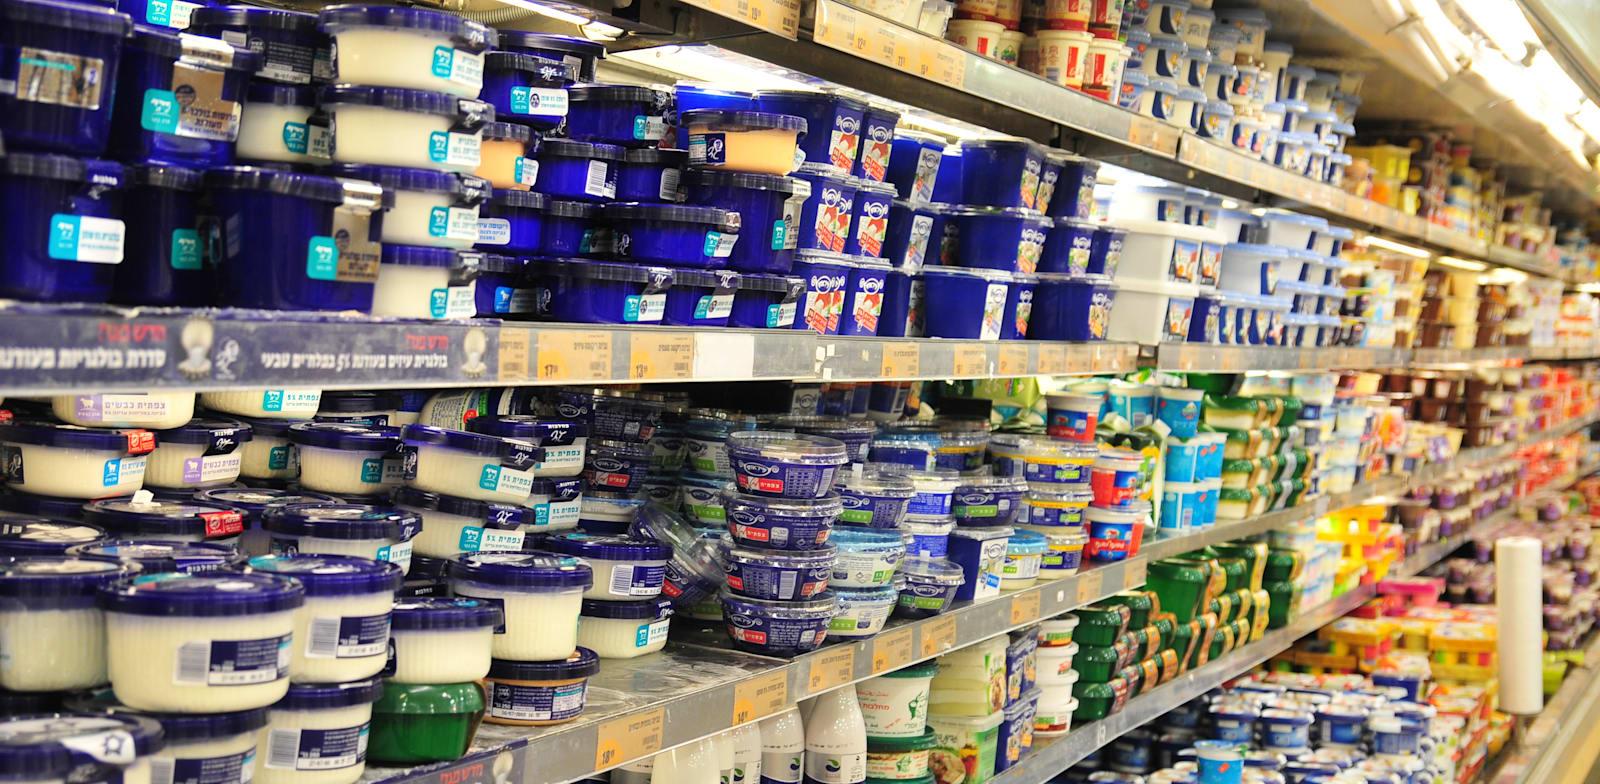 מדף מוצרי חלב בסופרמרקט. הריכוזיות בענף חוגגת / צילום: תמר מצפי